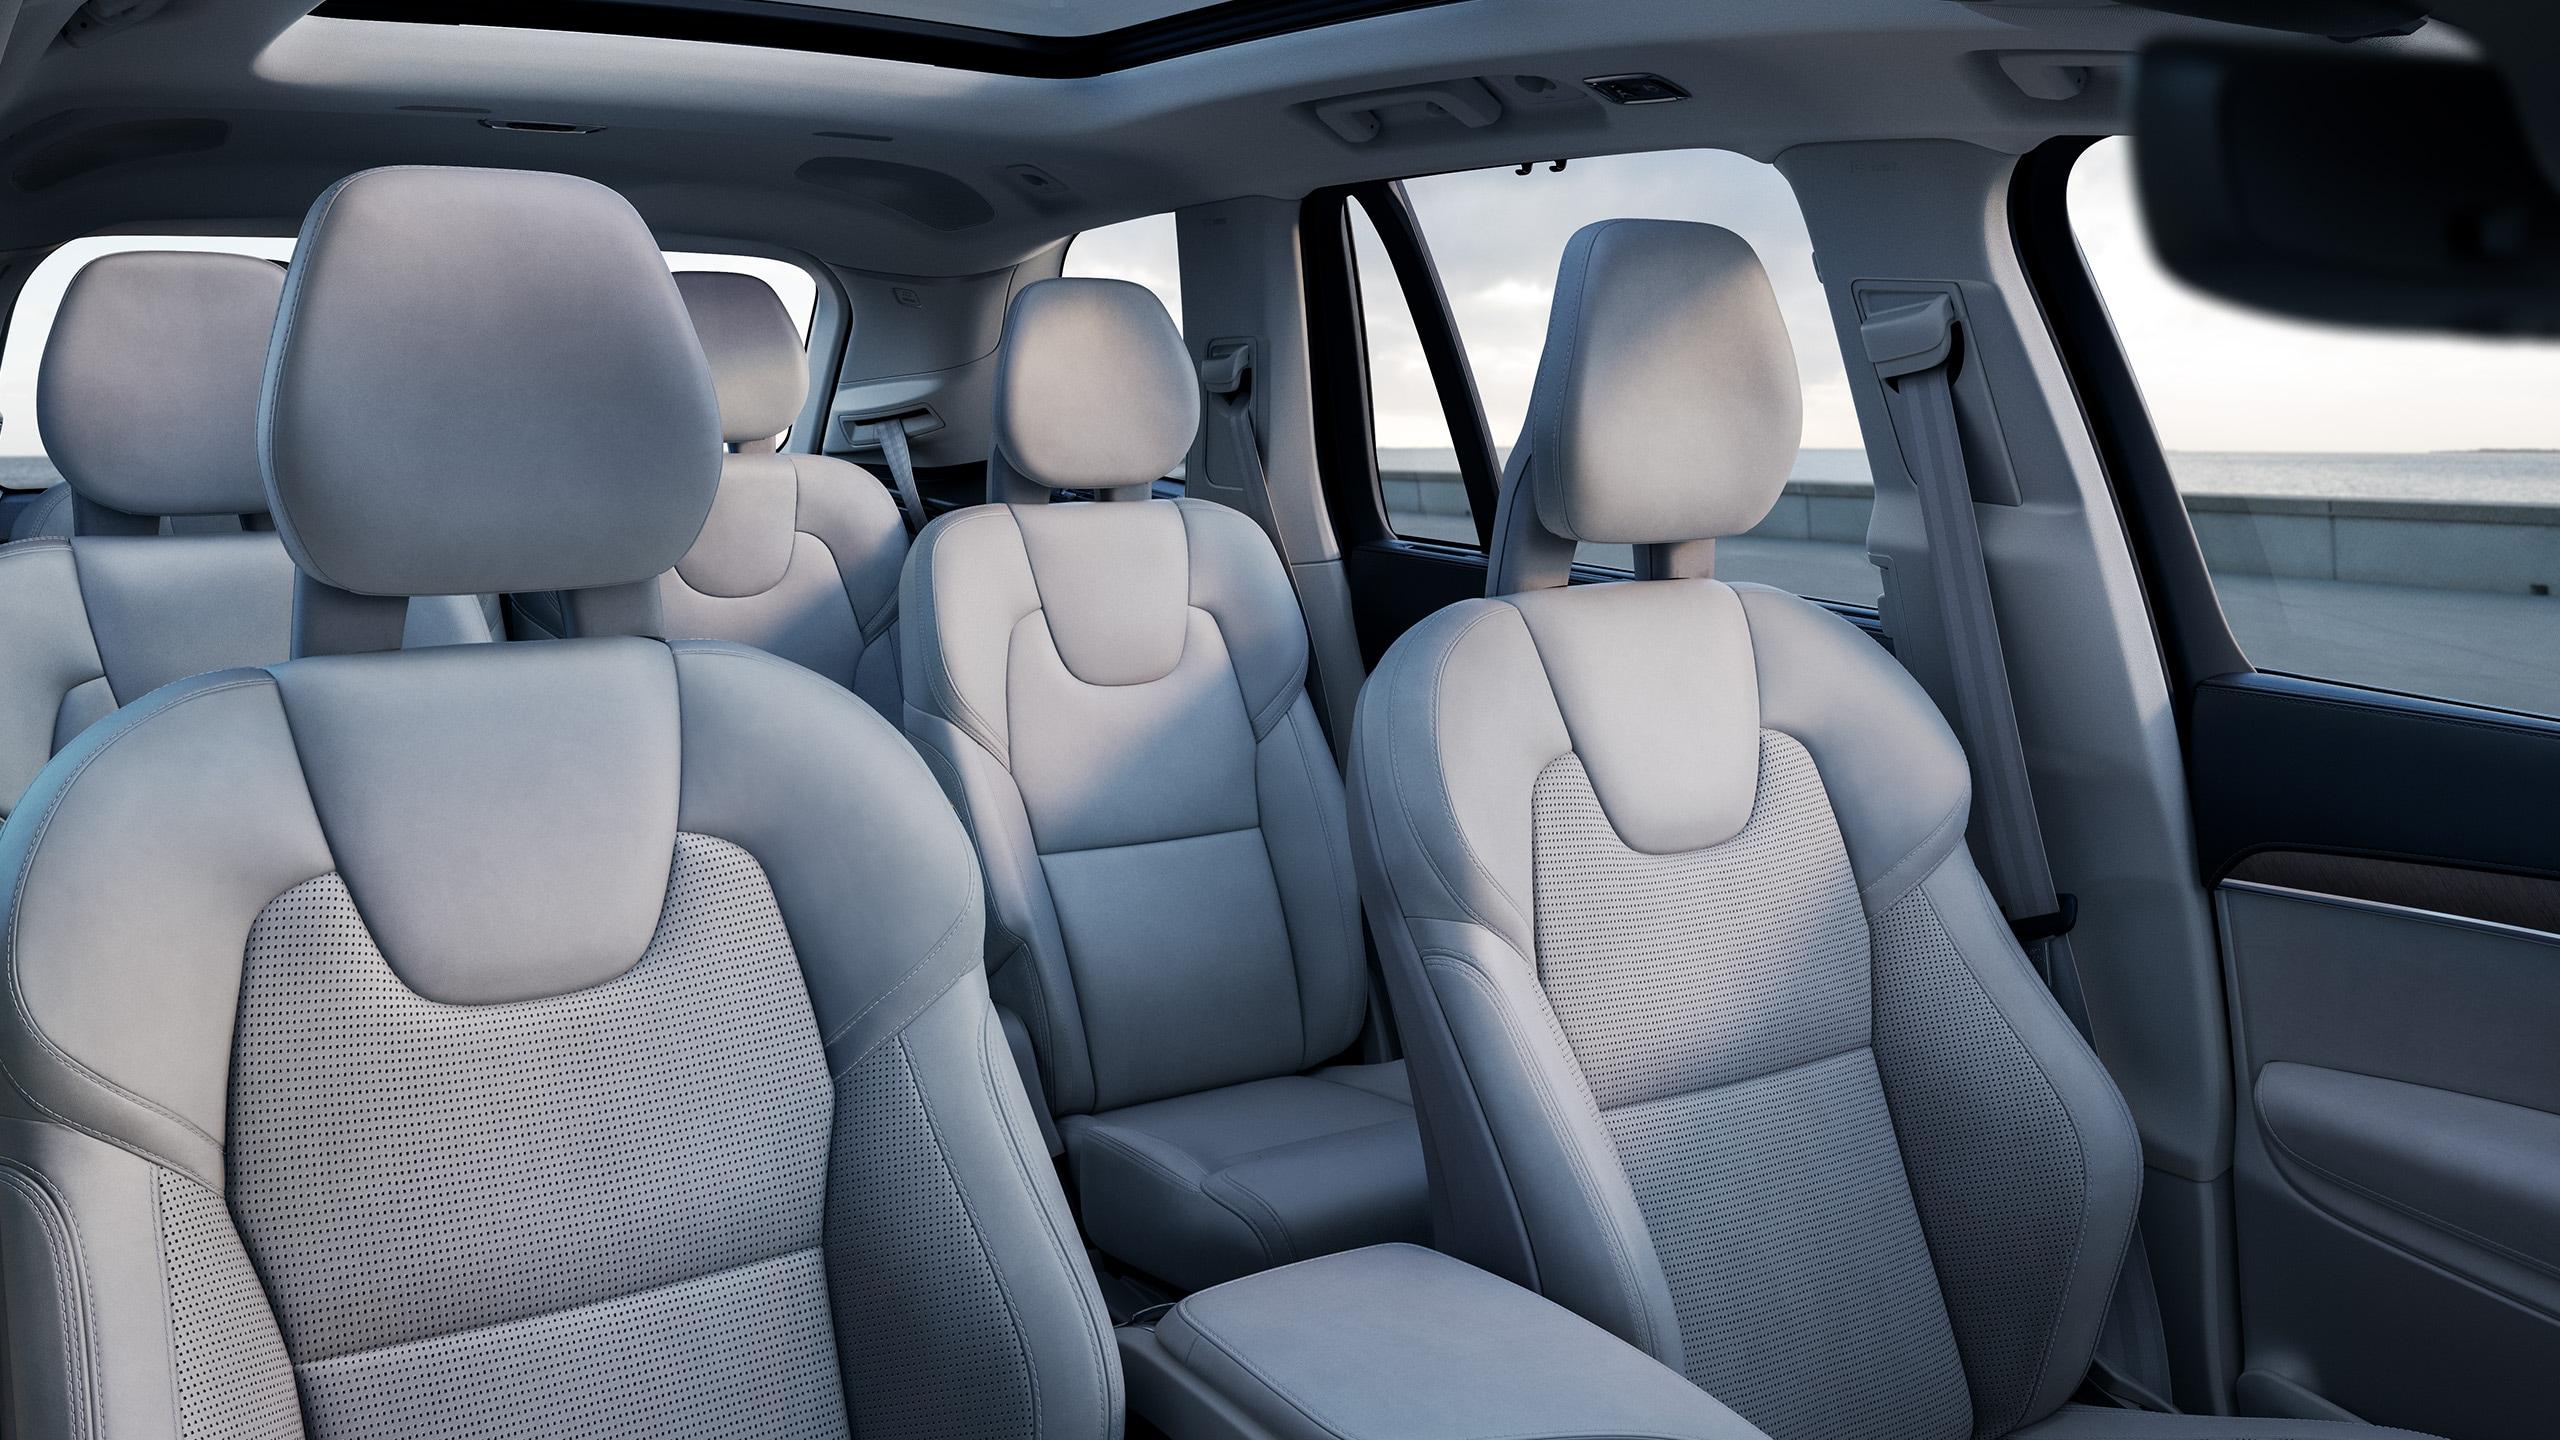 Interior al unui Volvo XC90 cu 3 rânduri, cu tapițerie de culoare deschisă pe banchete.